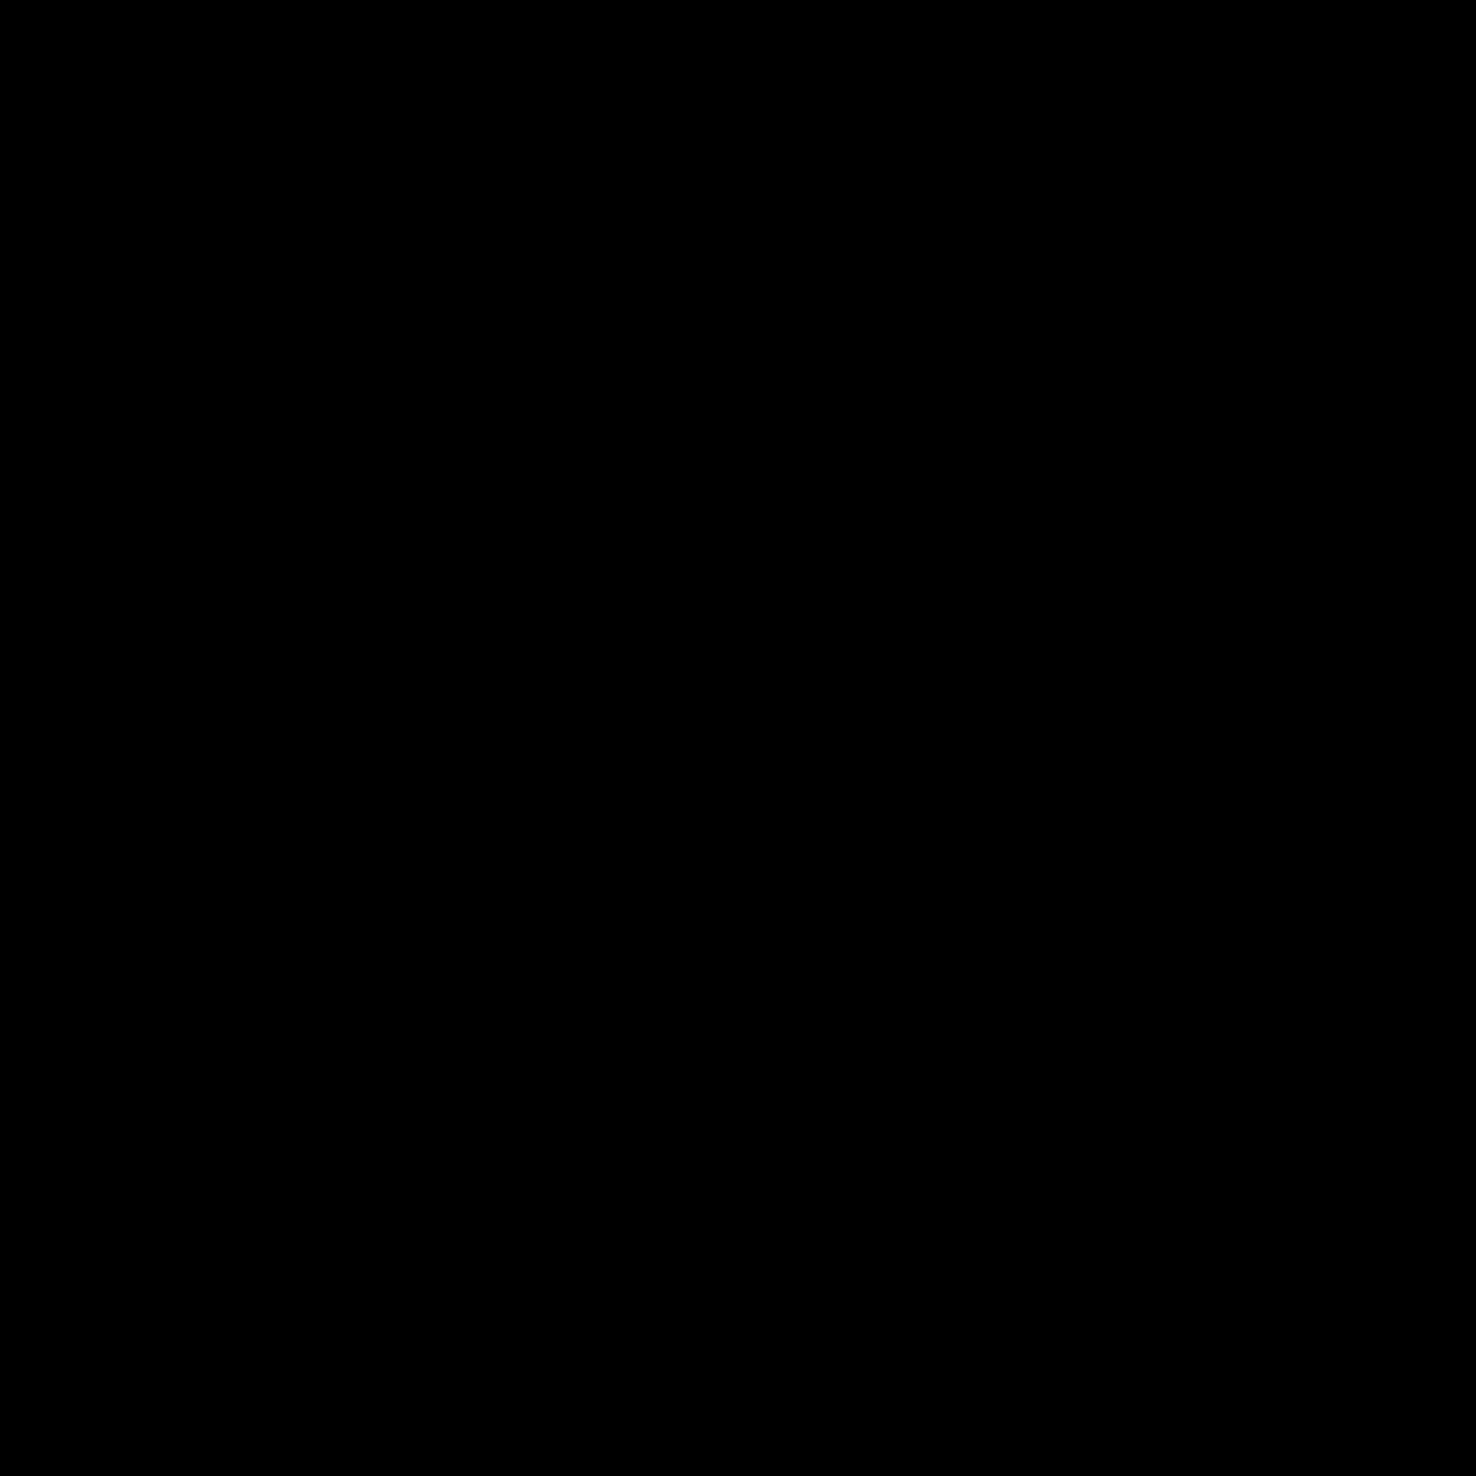 uscom